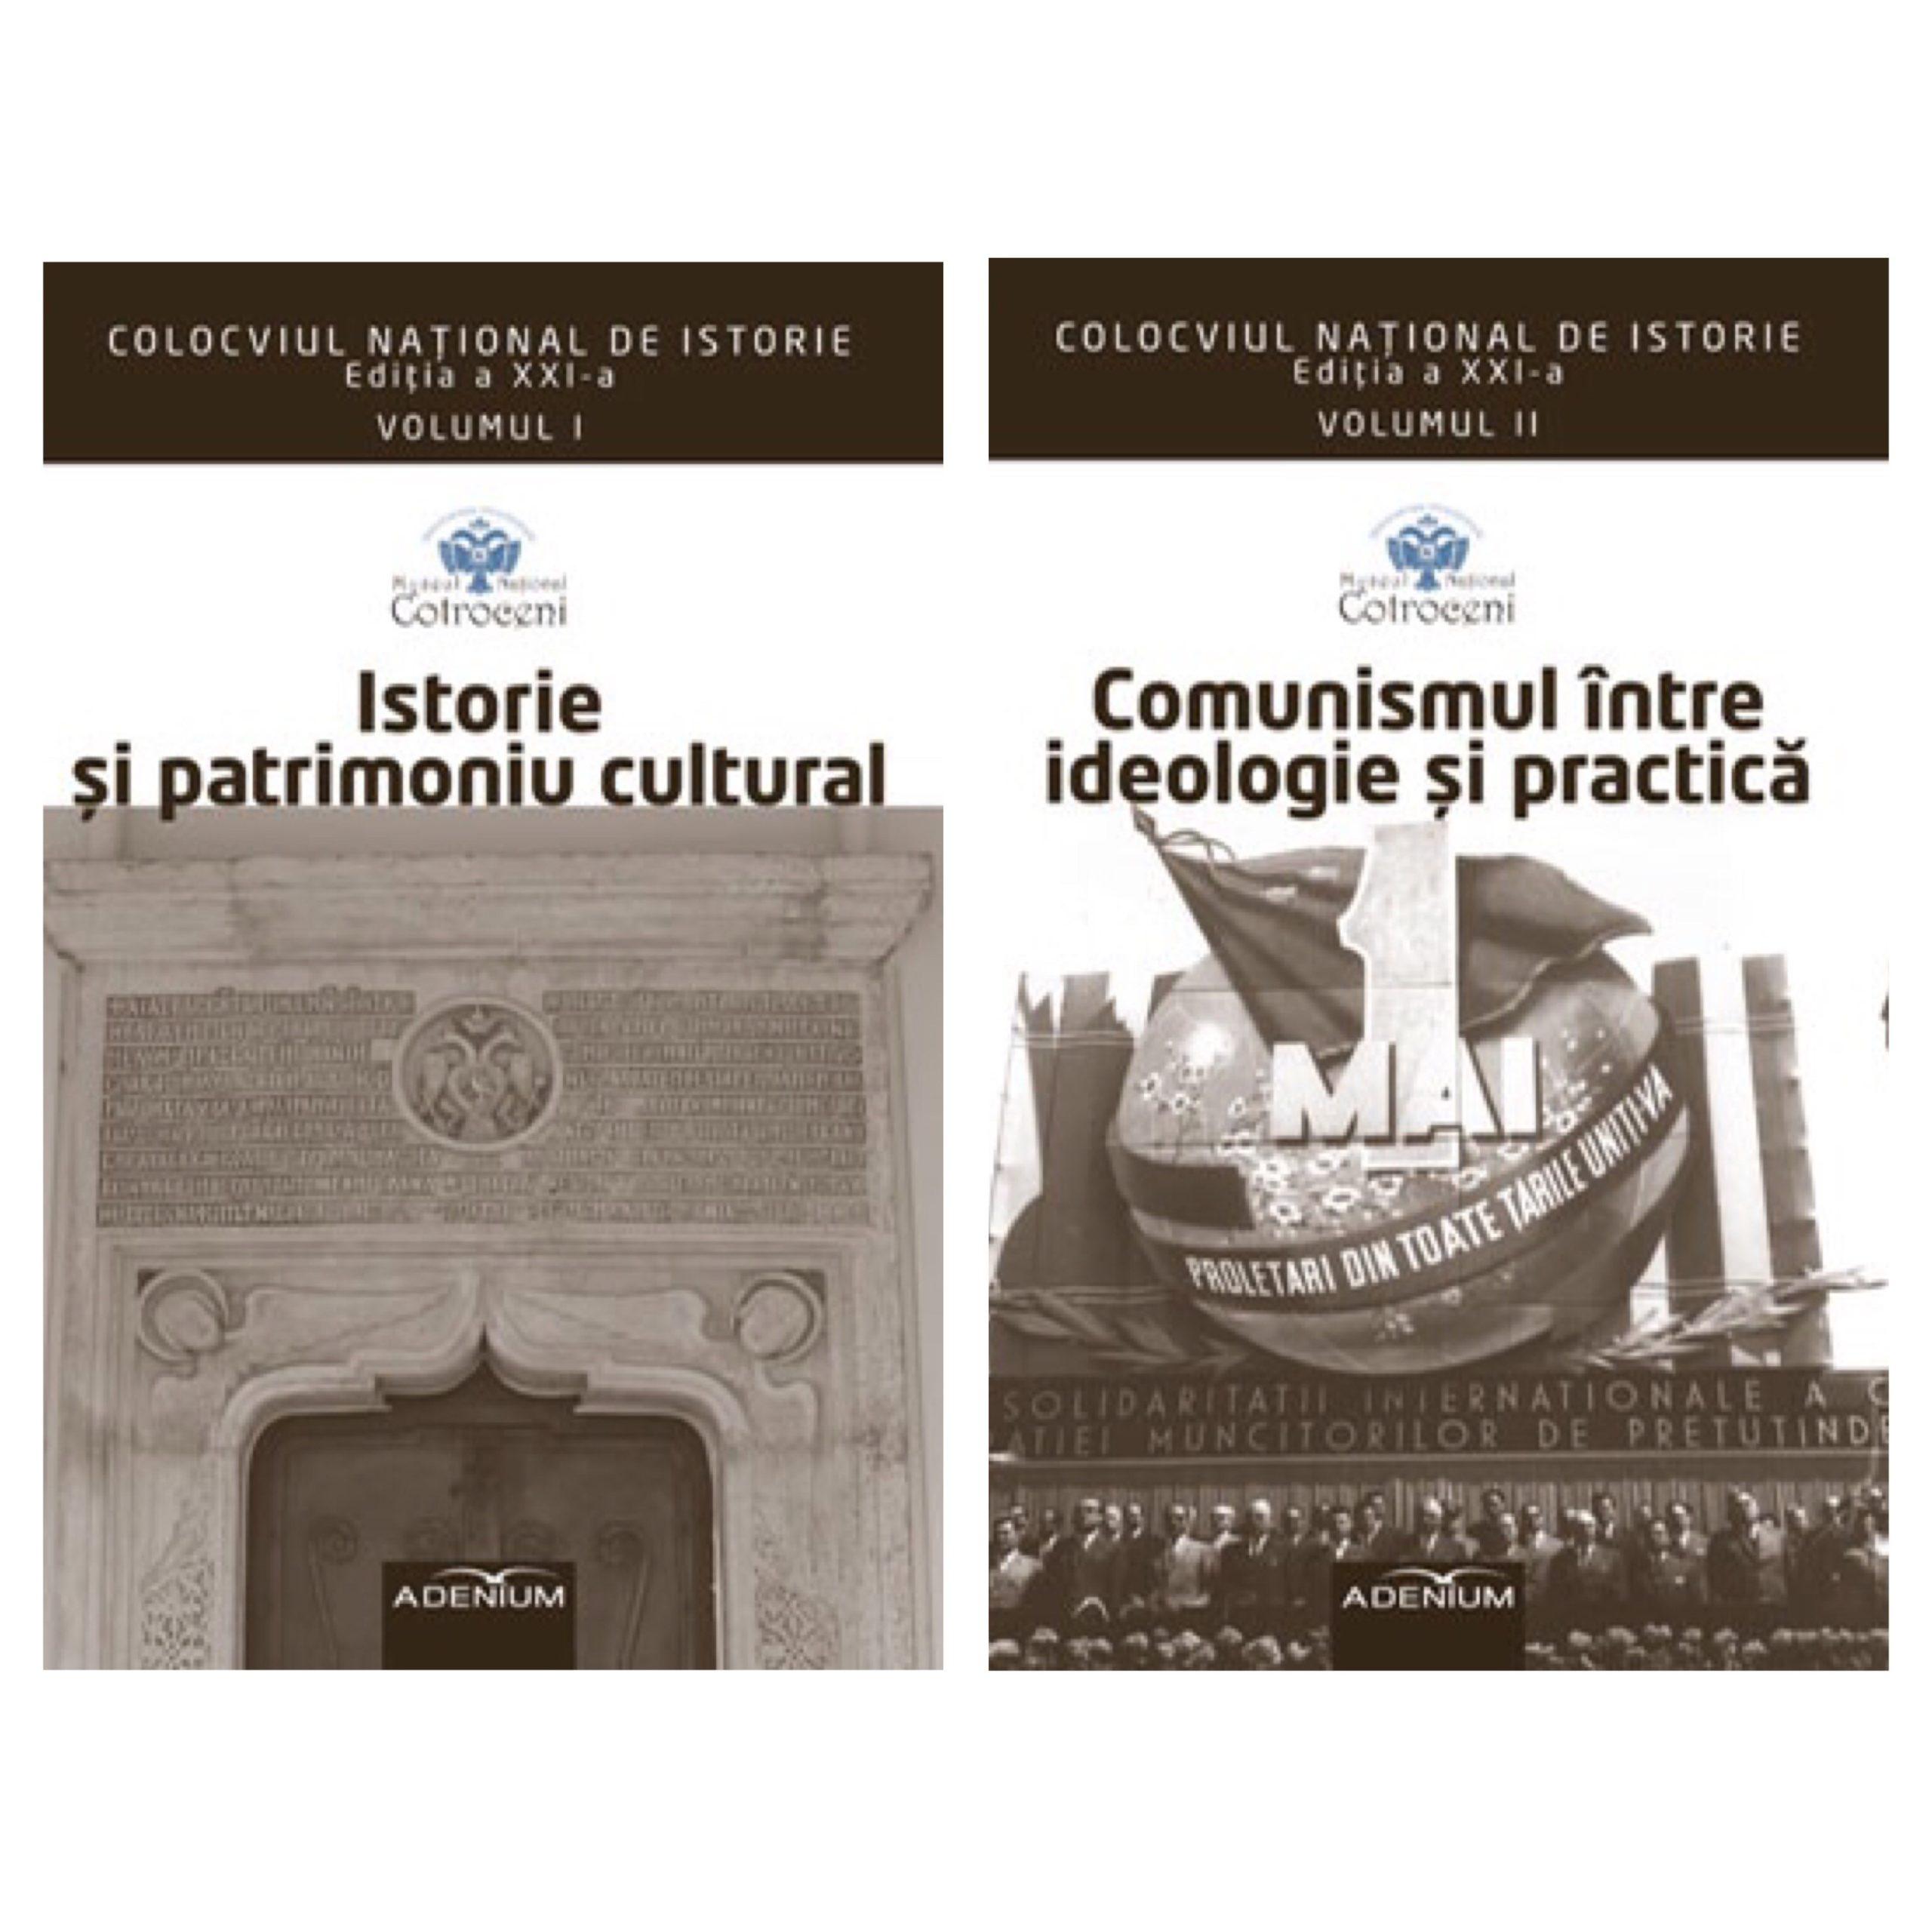 Muzeul Național Cotroceni - Colocviul Național de Istorie, ediția a XXI-a